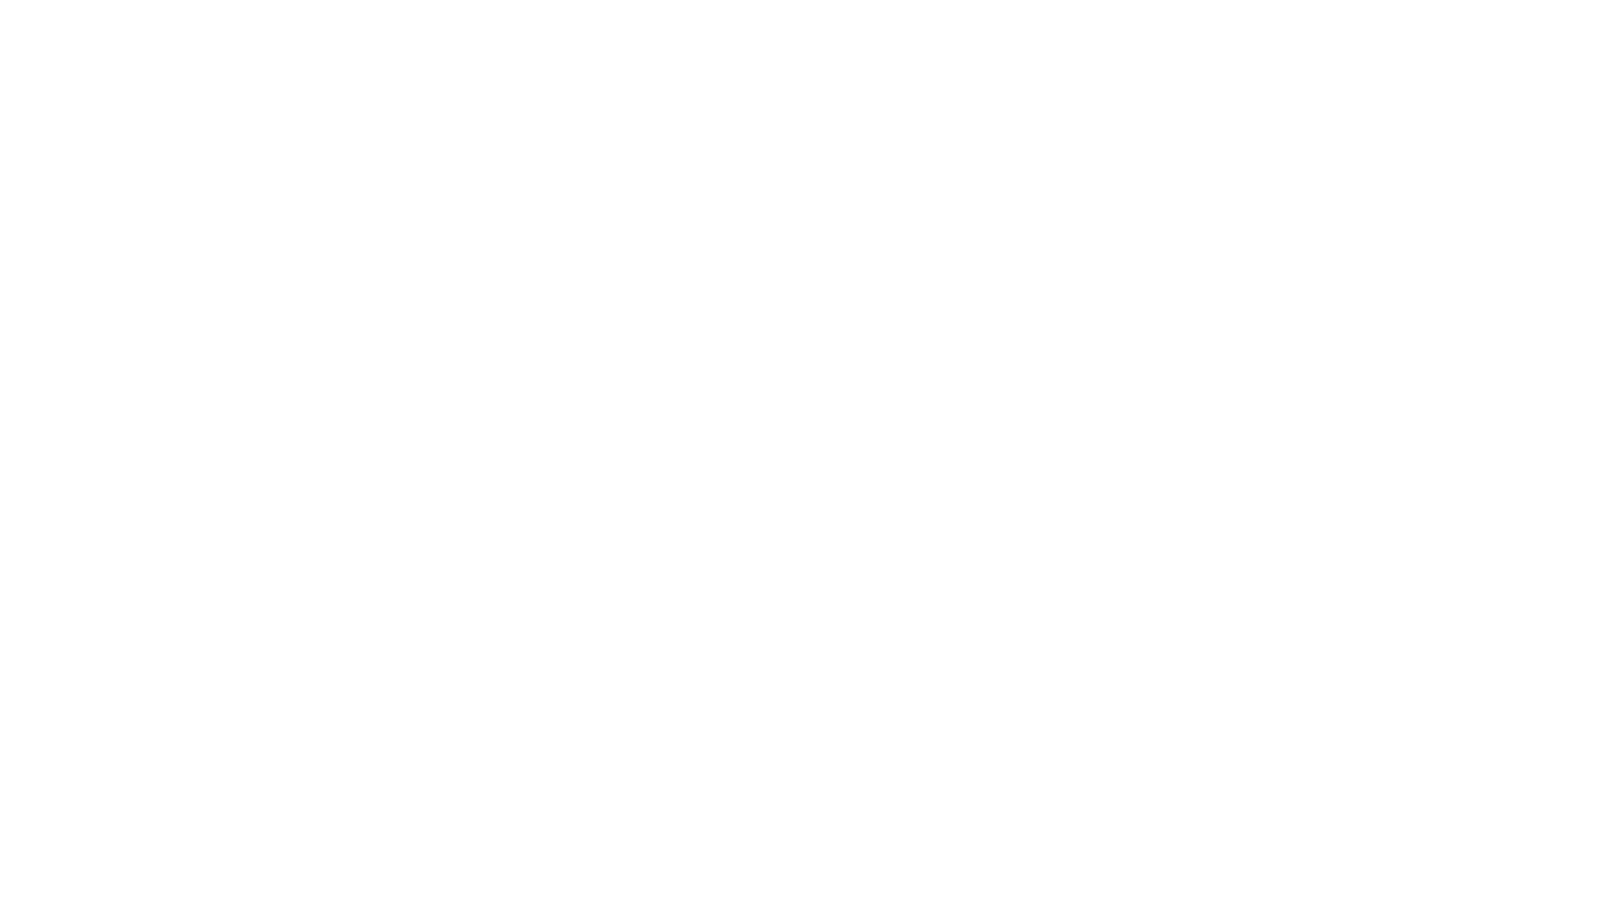 ▶️ COMIENZA LA LISTA DE LAS MEJORES BSO AQUÍ ➜ https://www.youtube.com/playlist?list=PLaUjlQBXww21WvZBhqKOhkiiPk4jYEbhL   En el SEXTO PUESTO de nuestro RANKING CRONOLÓGICO de las MEJORES bandas sonoras de la historia, se encuentra LAWRENCE DE ARABIA ( David Lean , 1962 ), una de las películas mas grandes de la historia del cine y todo un clásico universal. Su banda sonora es una de las más reconocibles de la historia y llevó el uso del leitmotiv un paso más allá, haciendo que éste se apodere de TODO en la película. Desde personajes a conceptos, imágenes, sentimientos, etc... Es un tema principal que lo abarca todo. Una de las grandes bandas sonoras de los 60 ( y de todos los tiempos )     ✅  Si quieres saber más sobre esta maravillosa BSO pincha en el vídeo.  ✅  Y si quieres ver más videos de la lista de las BSO mas importante de la historia pincha aquí ➜ https://www.youtube.com/playlist?list=PLaUjlQBXww21WvZBhqKOhkiiPk4jYEbhL   ¡Un abrazo y que viva el cine!  Únete a nuestro Facebook:  https://www.facebook.com/bricocineCanal  O a nuestro Instagram:  @bricocinechannel  Una producción de: https://www.sinapsisfilms.com  Con la participación de: https://www.mundobso.com  ---------------------------------- LAWRENCE DE ARABIA  (1962) Dirección: David Lean Música:  Maurice Jarre  REPARTO: Peter O'Toole Alec Guinness Anthony Quinn Jack Hawkins Omar Sharif José Ferrer Anthony Quayle Claude Rains Arthur Kennedy Donald Wolfit Fernando Sancho Harry Fowler Norman Rossington Henry Oscar